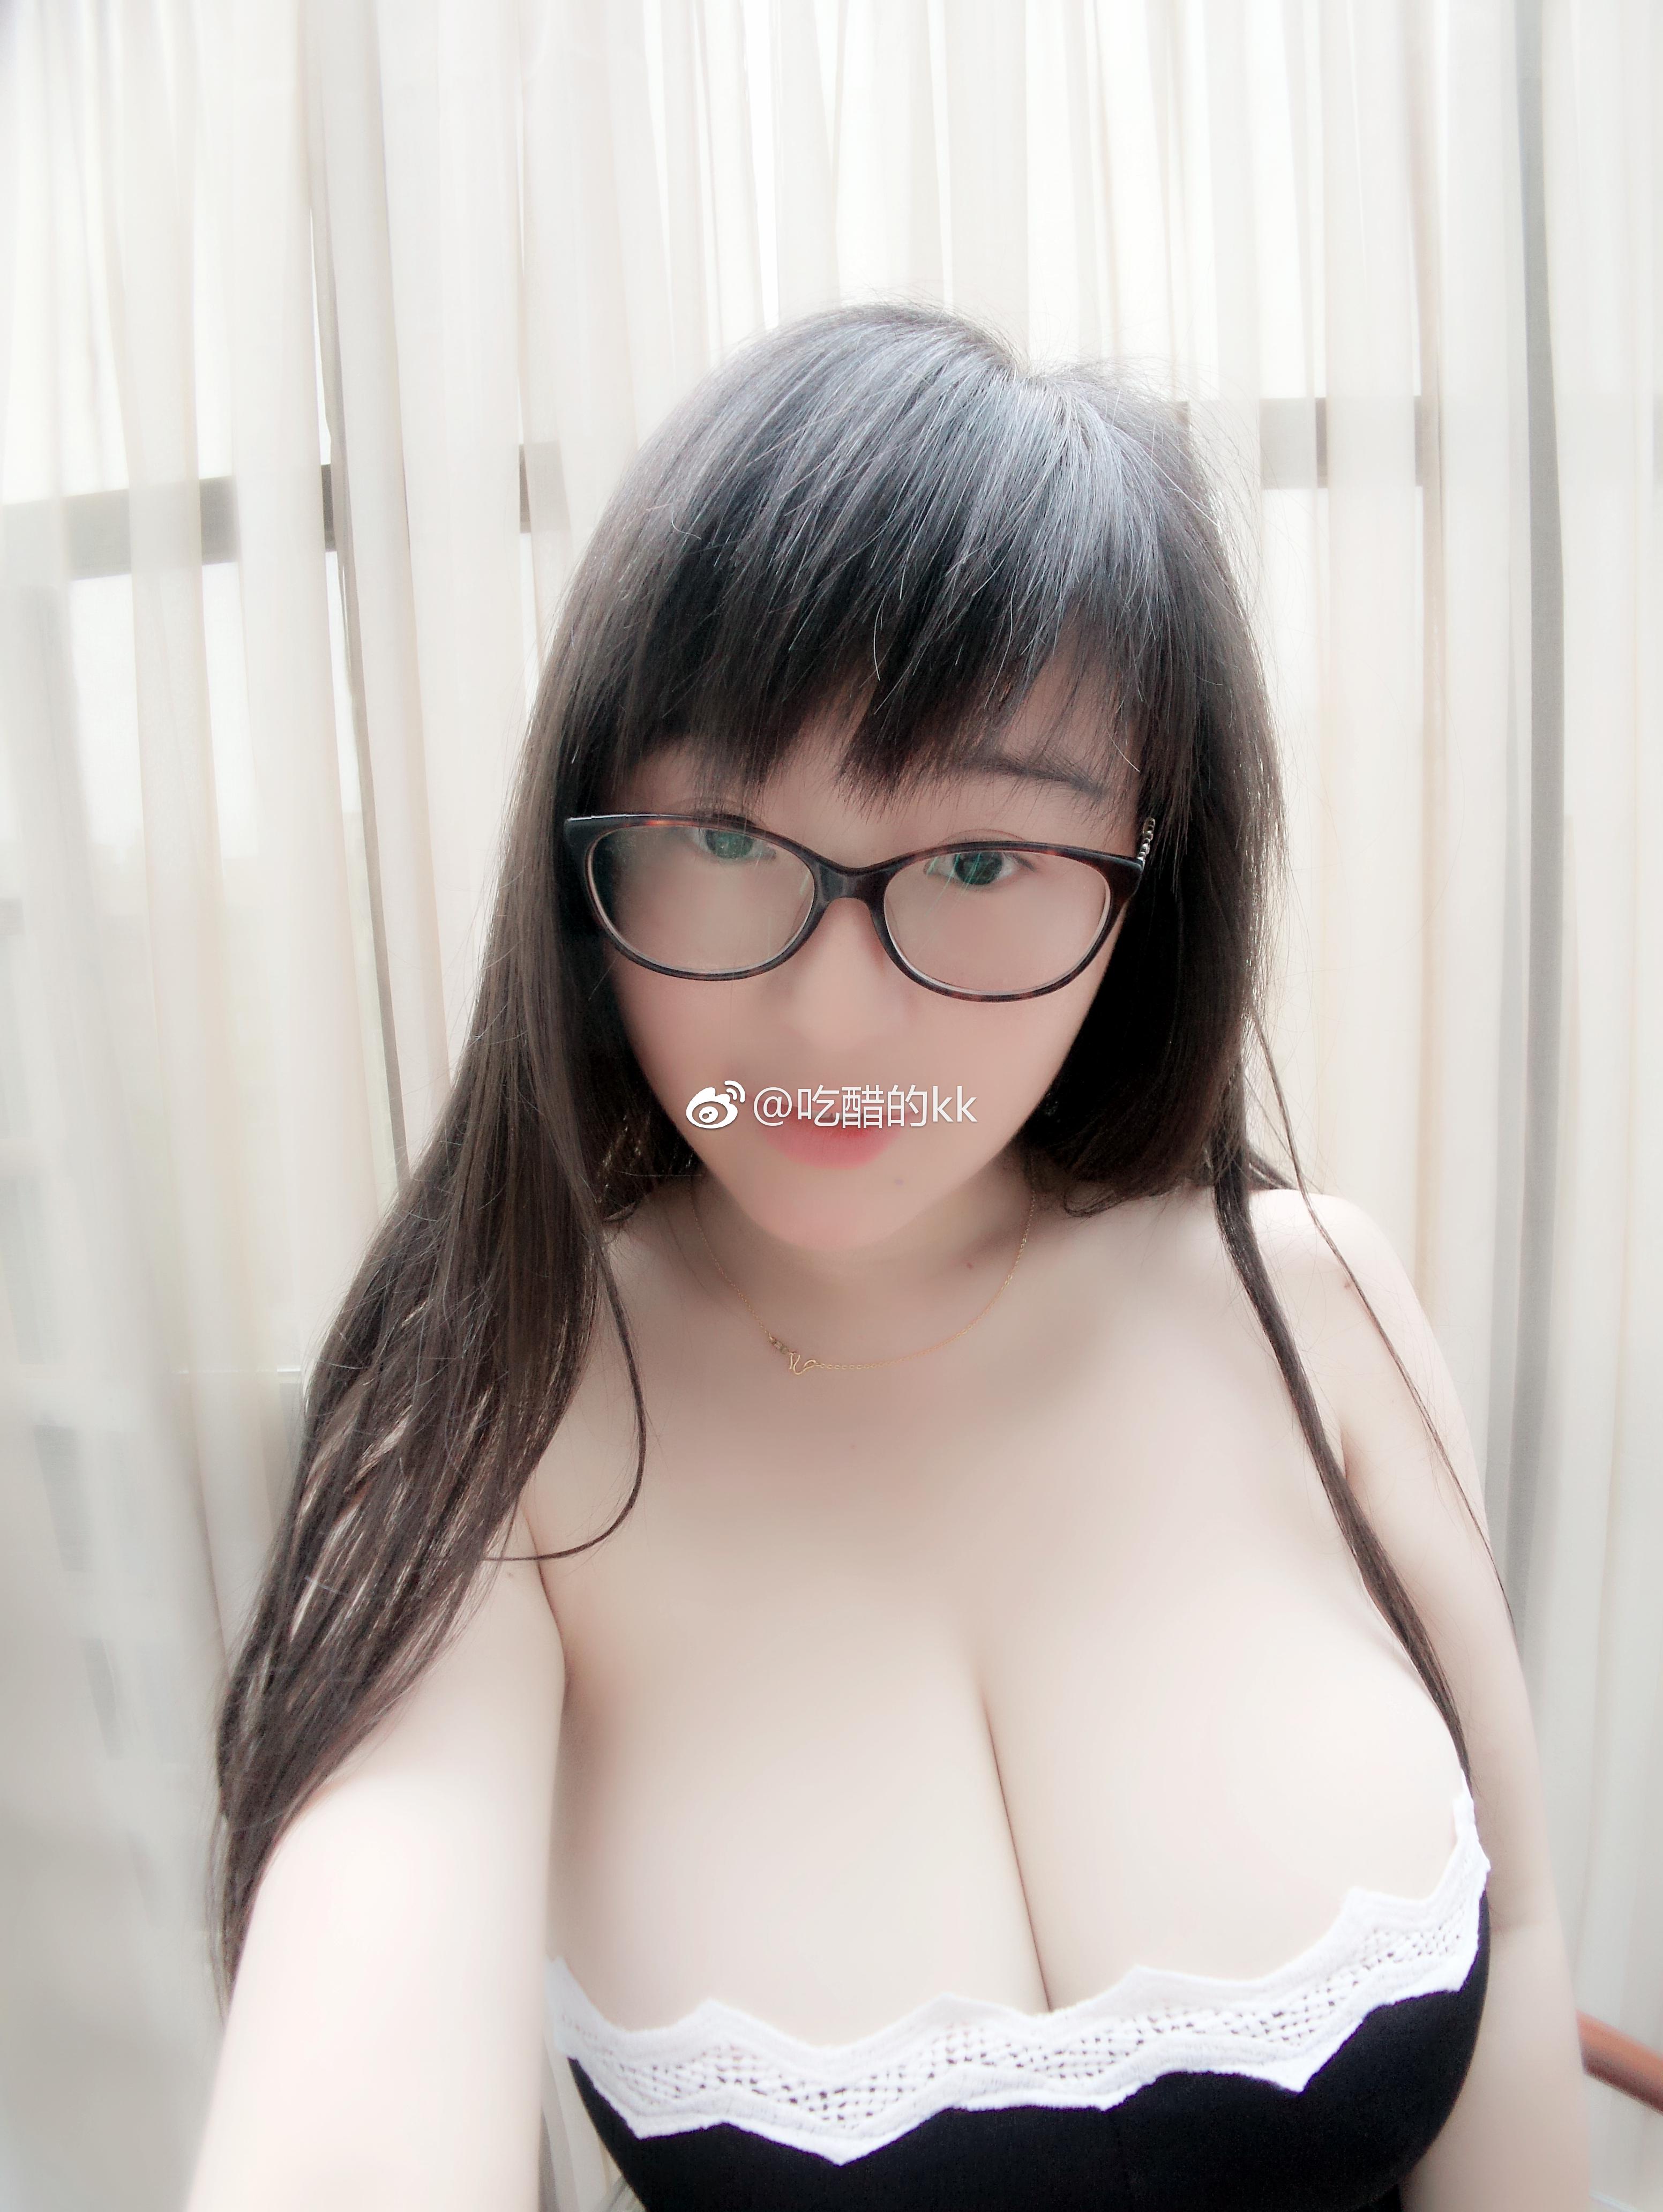 吃醋的kk(´∩ω∩`) _美女福利图片